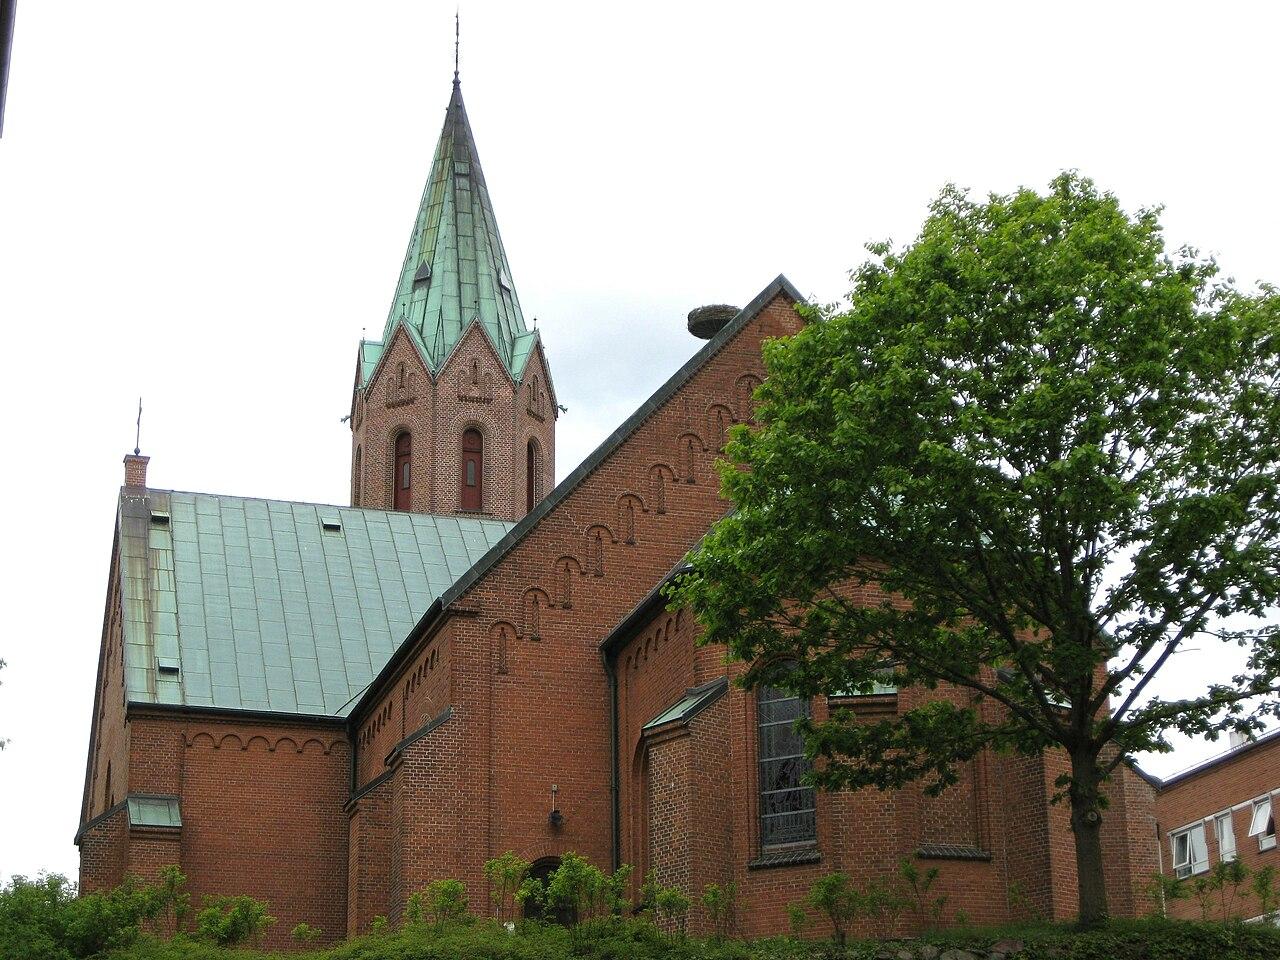 Silkeborg Kirke (Silkeborg Sogn - Gjern Herred - Skanderborg Amt), i hvis sogn den attesterede blev født og døde. Taget den 14. maj 2003. Foto: Hubertus. Bringes med tilladelse fra http://da.wikipedia.org/wiki/Fil:Silkeborg_Kirke1.JPG.